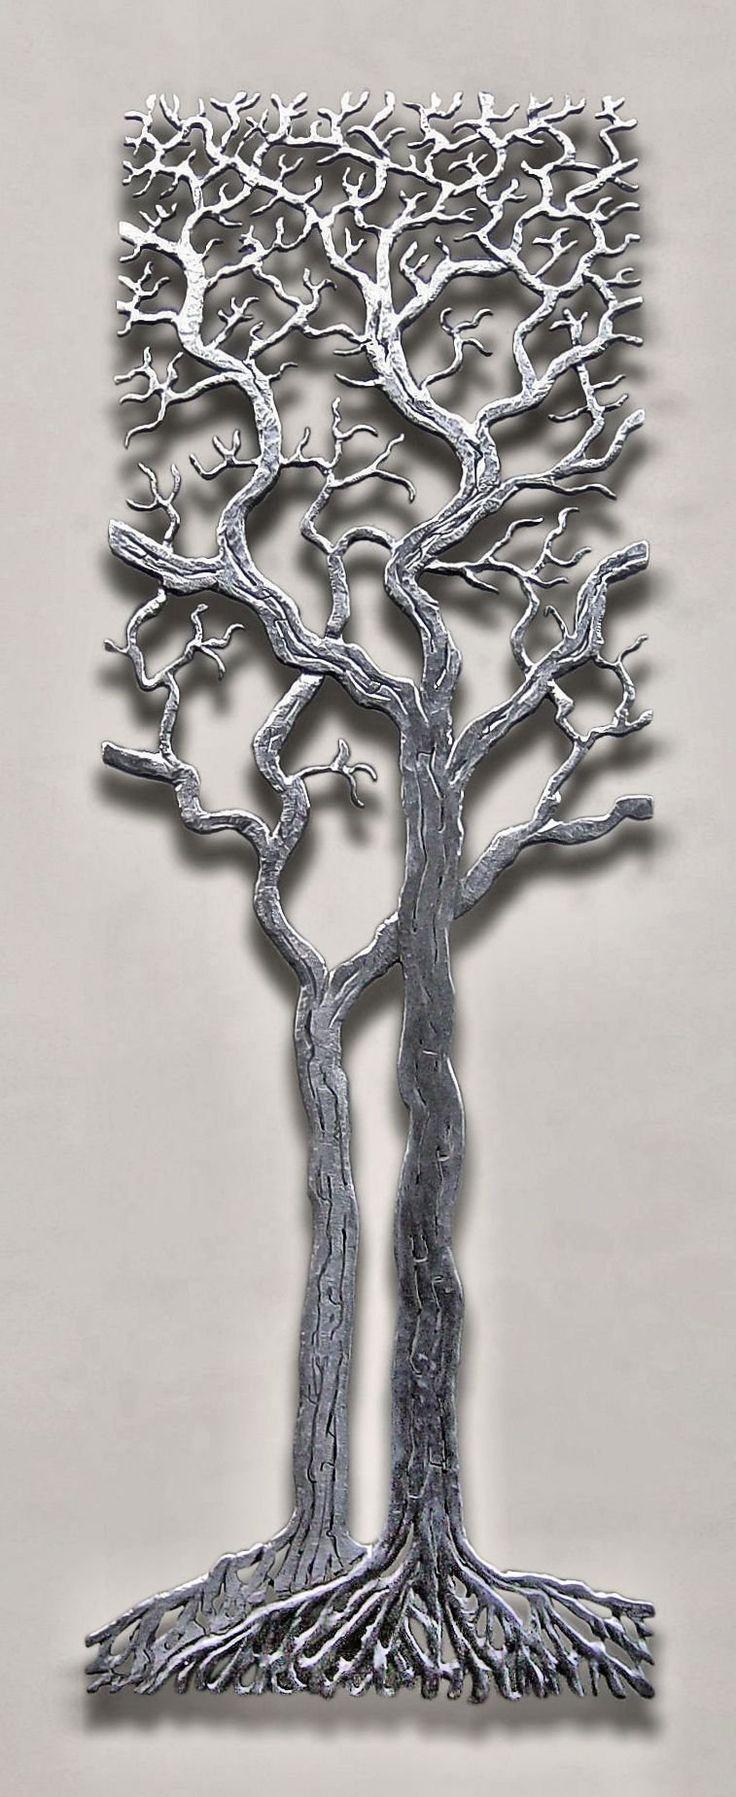 Best 25+ Metal Wall Art Ideas On Pinterest | Metal Art, Metal Wall For Oak Tree Metal Wall Art (View 17 of 20)